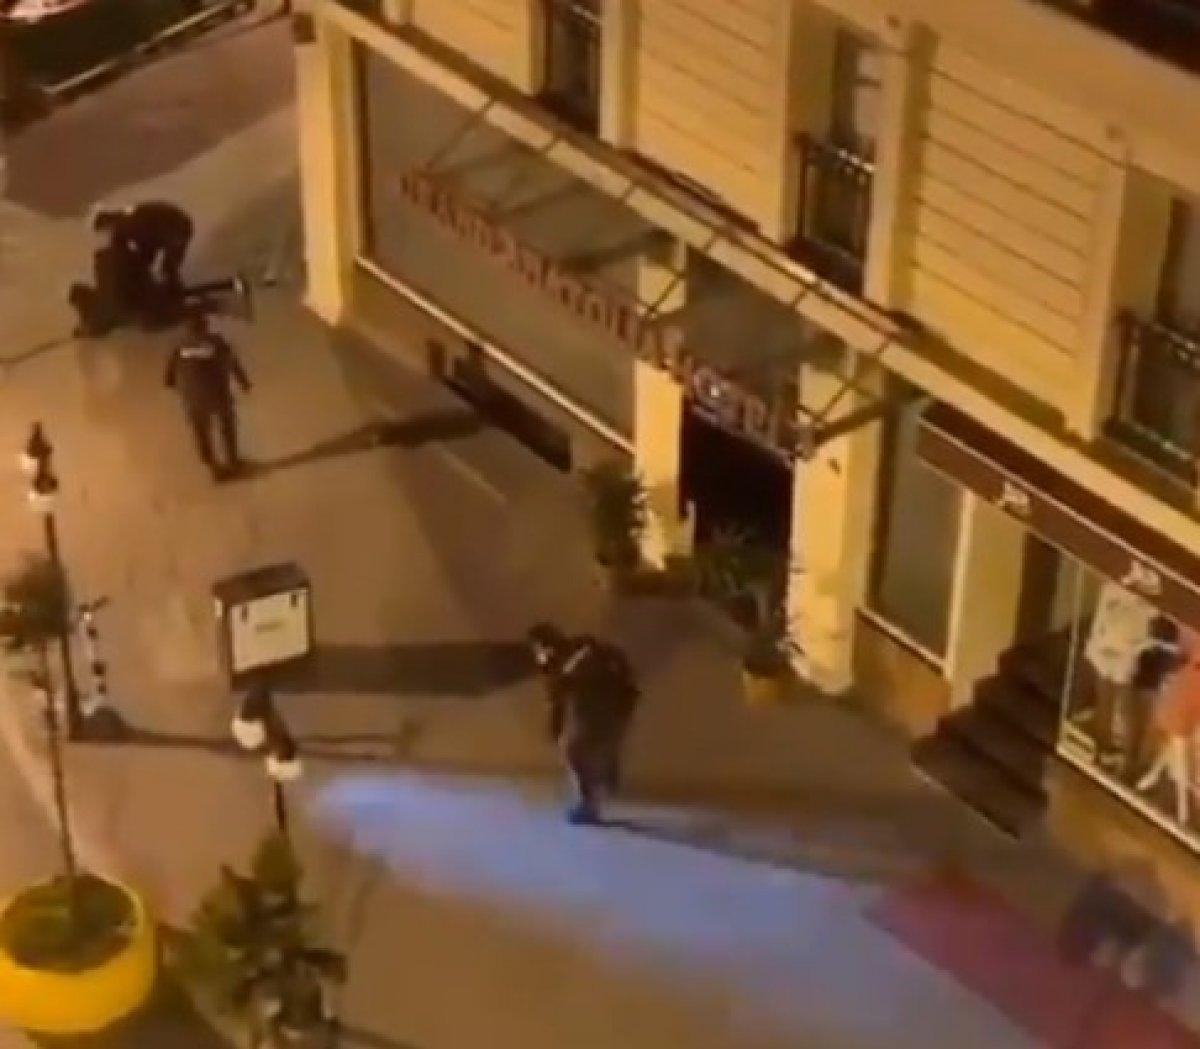 İstanbul da bekçilerin sert müdahalesi kameraya yansıdı #2